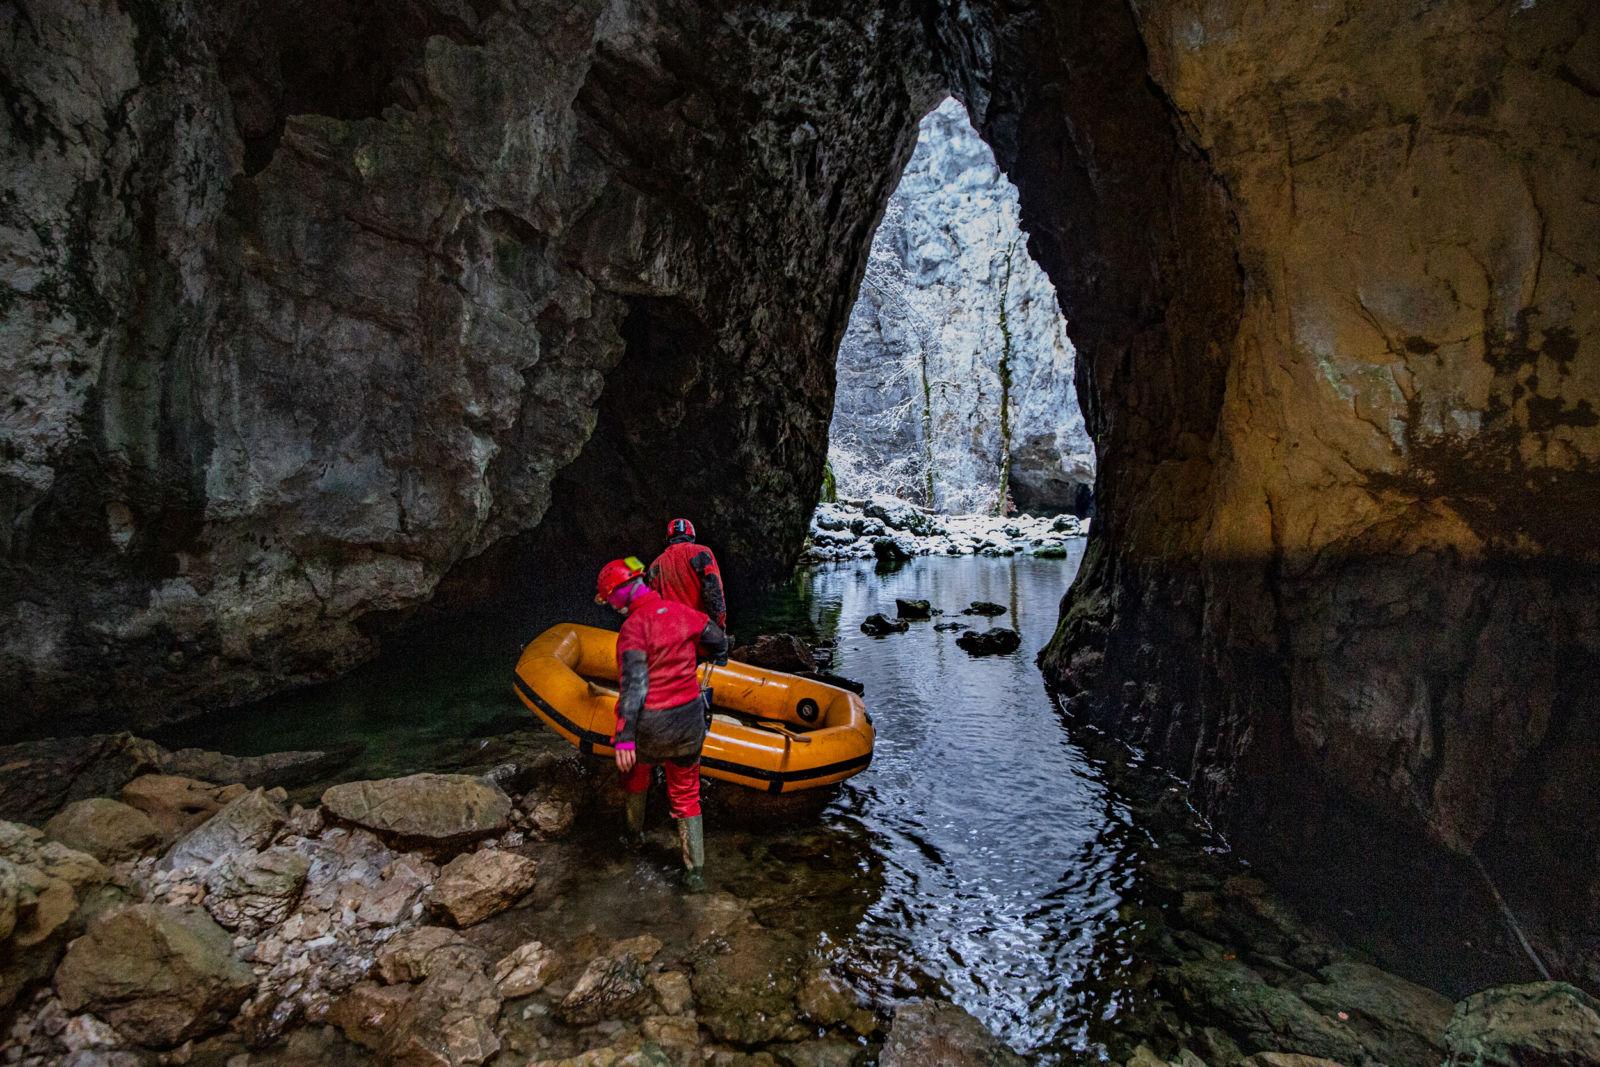 Izhod iz Zelških jam v Rakov Škocjam, Foto: Matej Blatnik